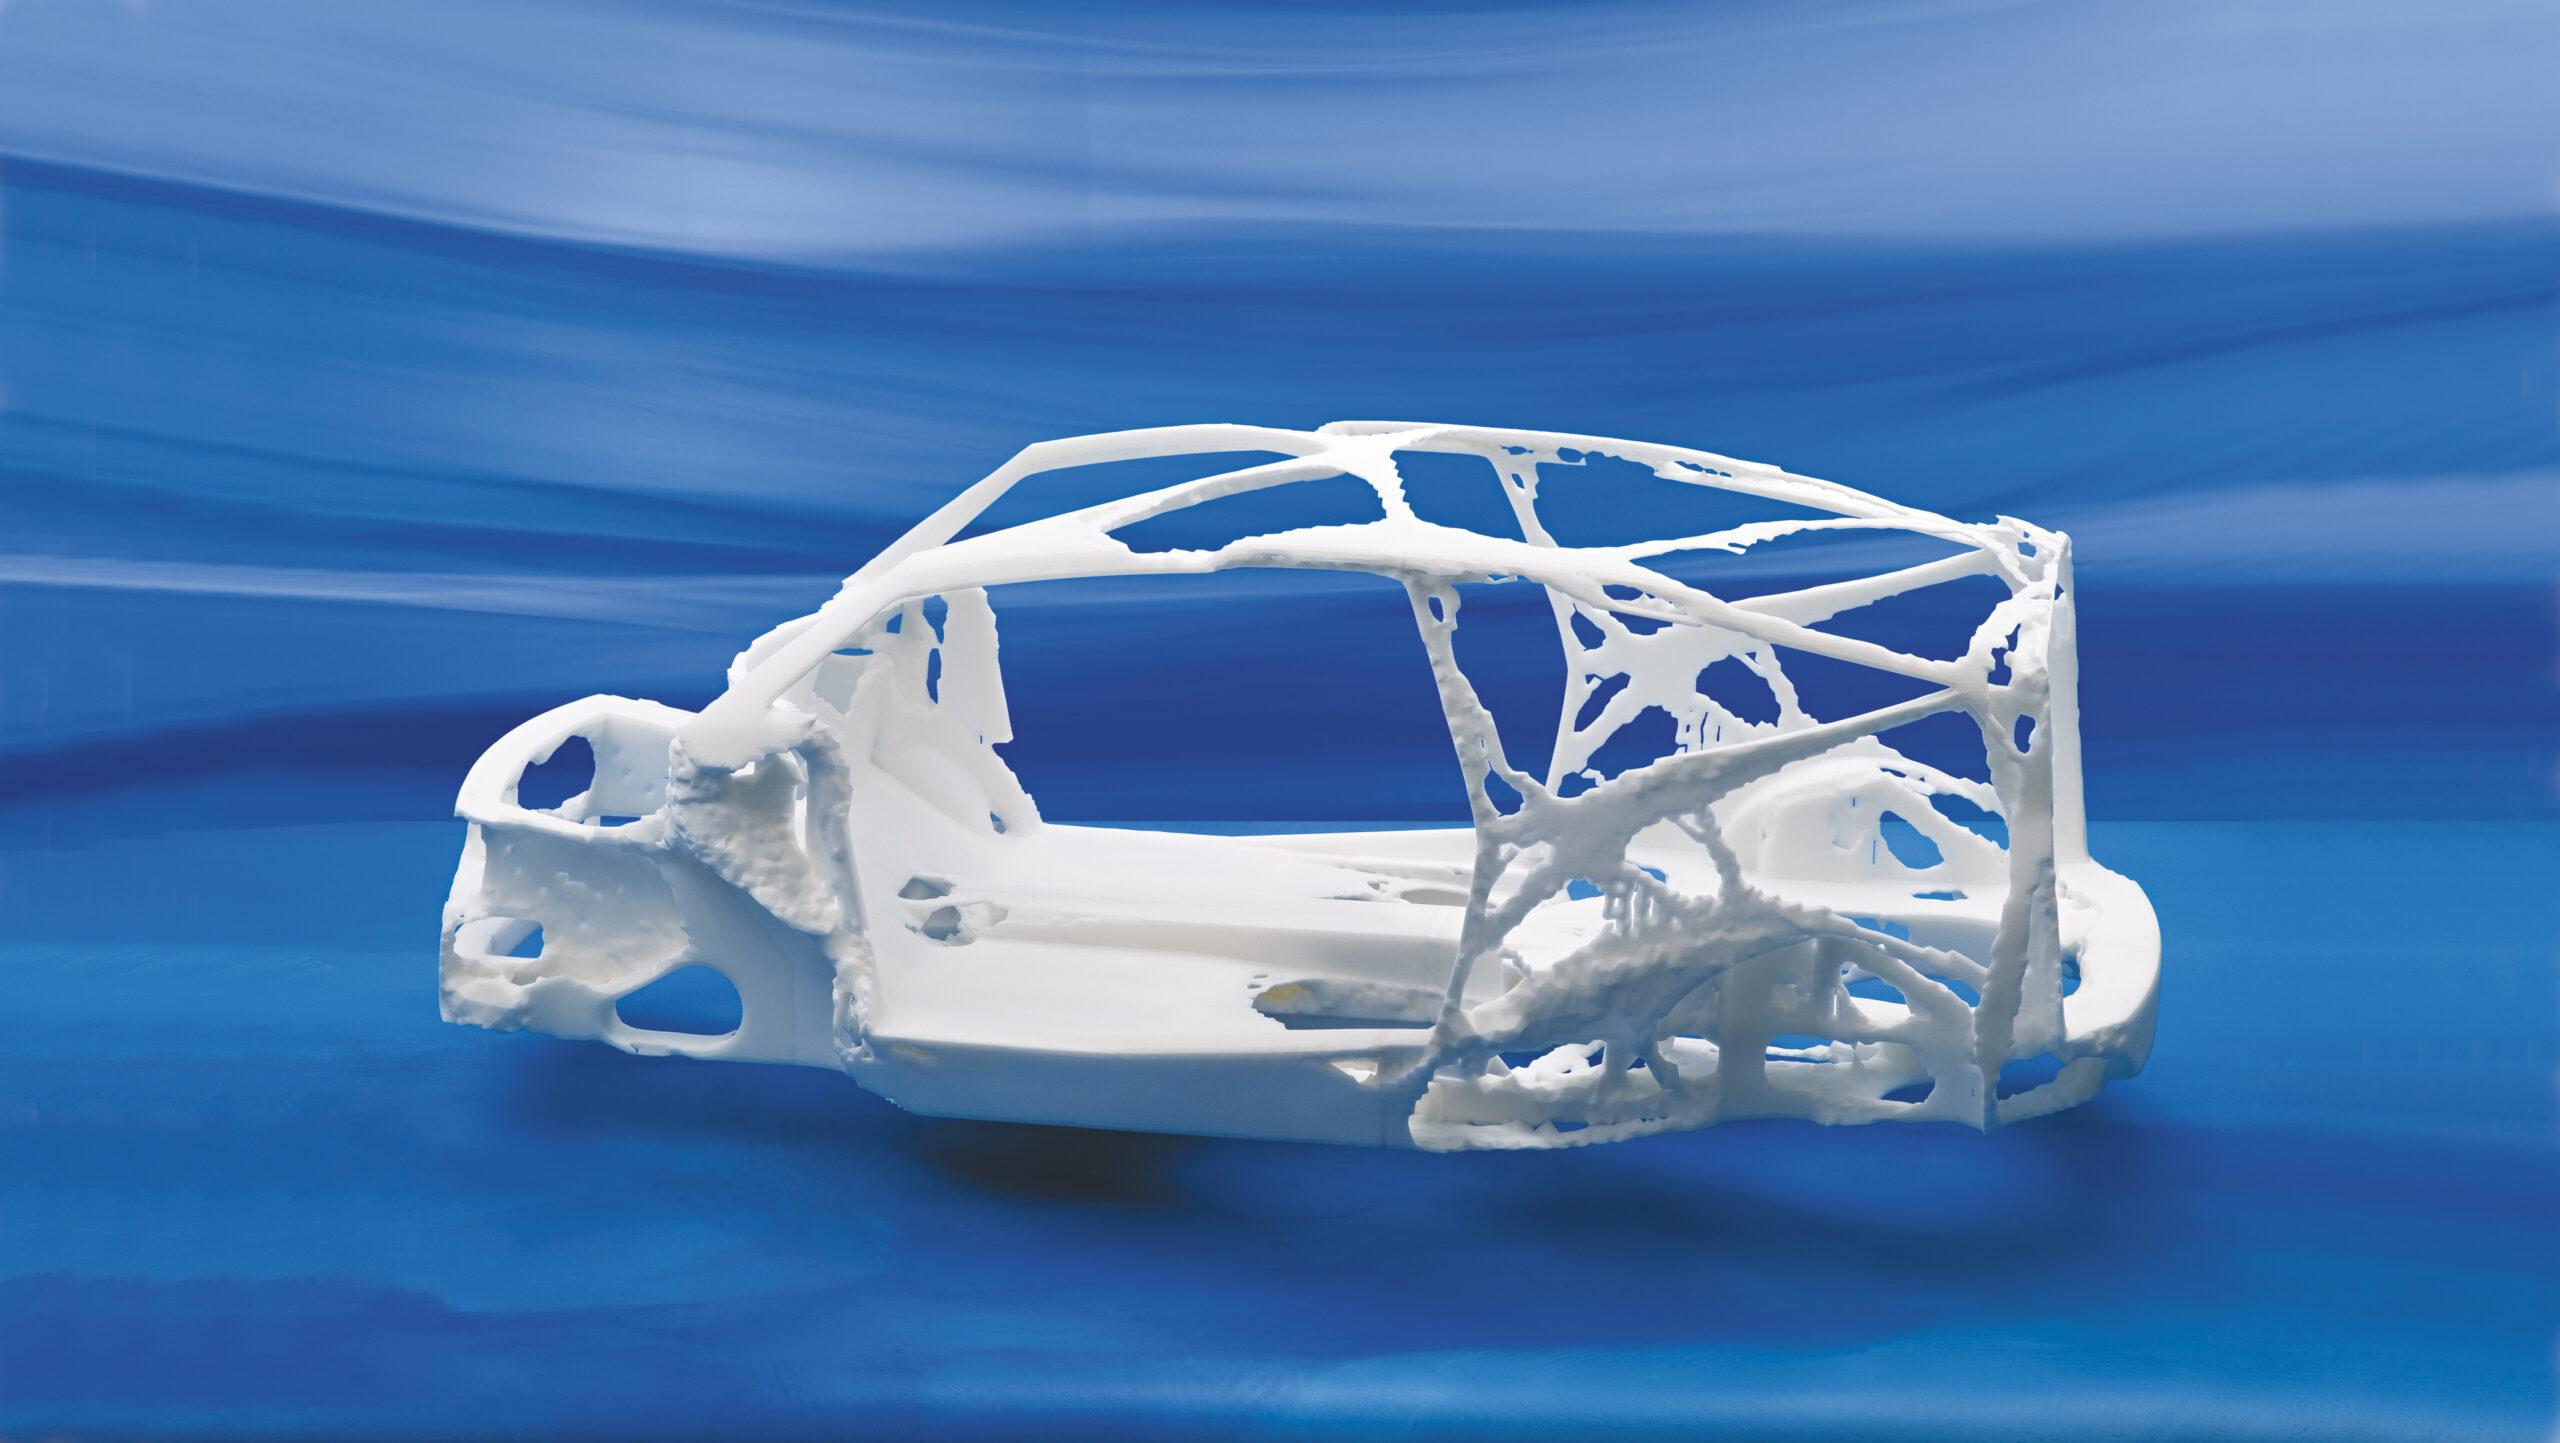 Das Mercedes-Benz bionic car von 2005